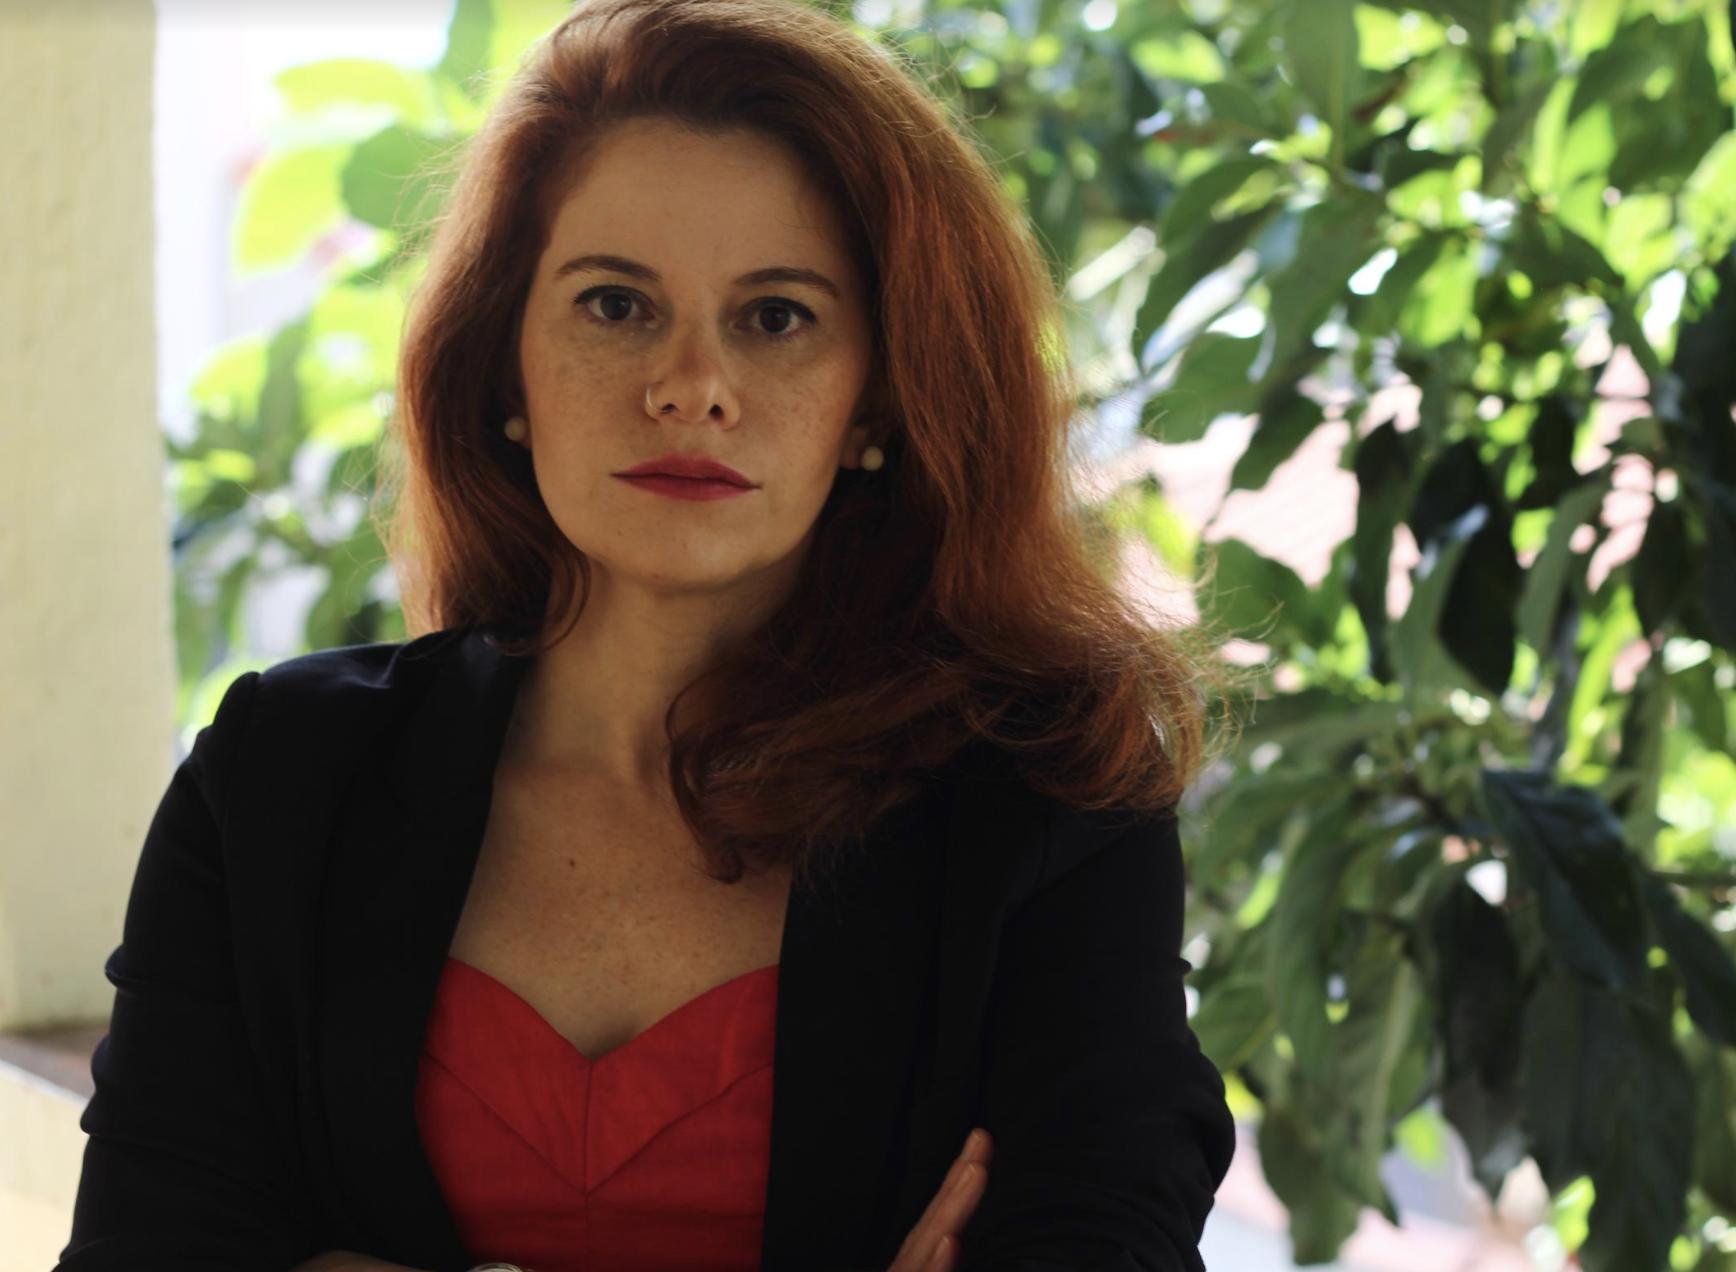 """Entrevista: """"No governo Bolsonaro, as demandas da agenda da 'família' absorveram as angústias das ações 'antigênero'"""""""